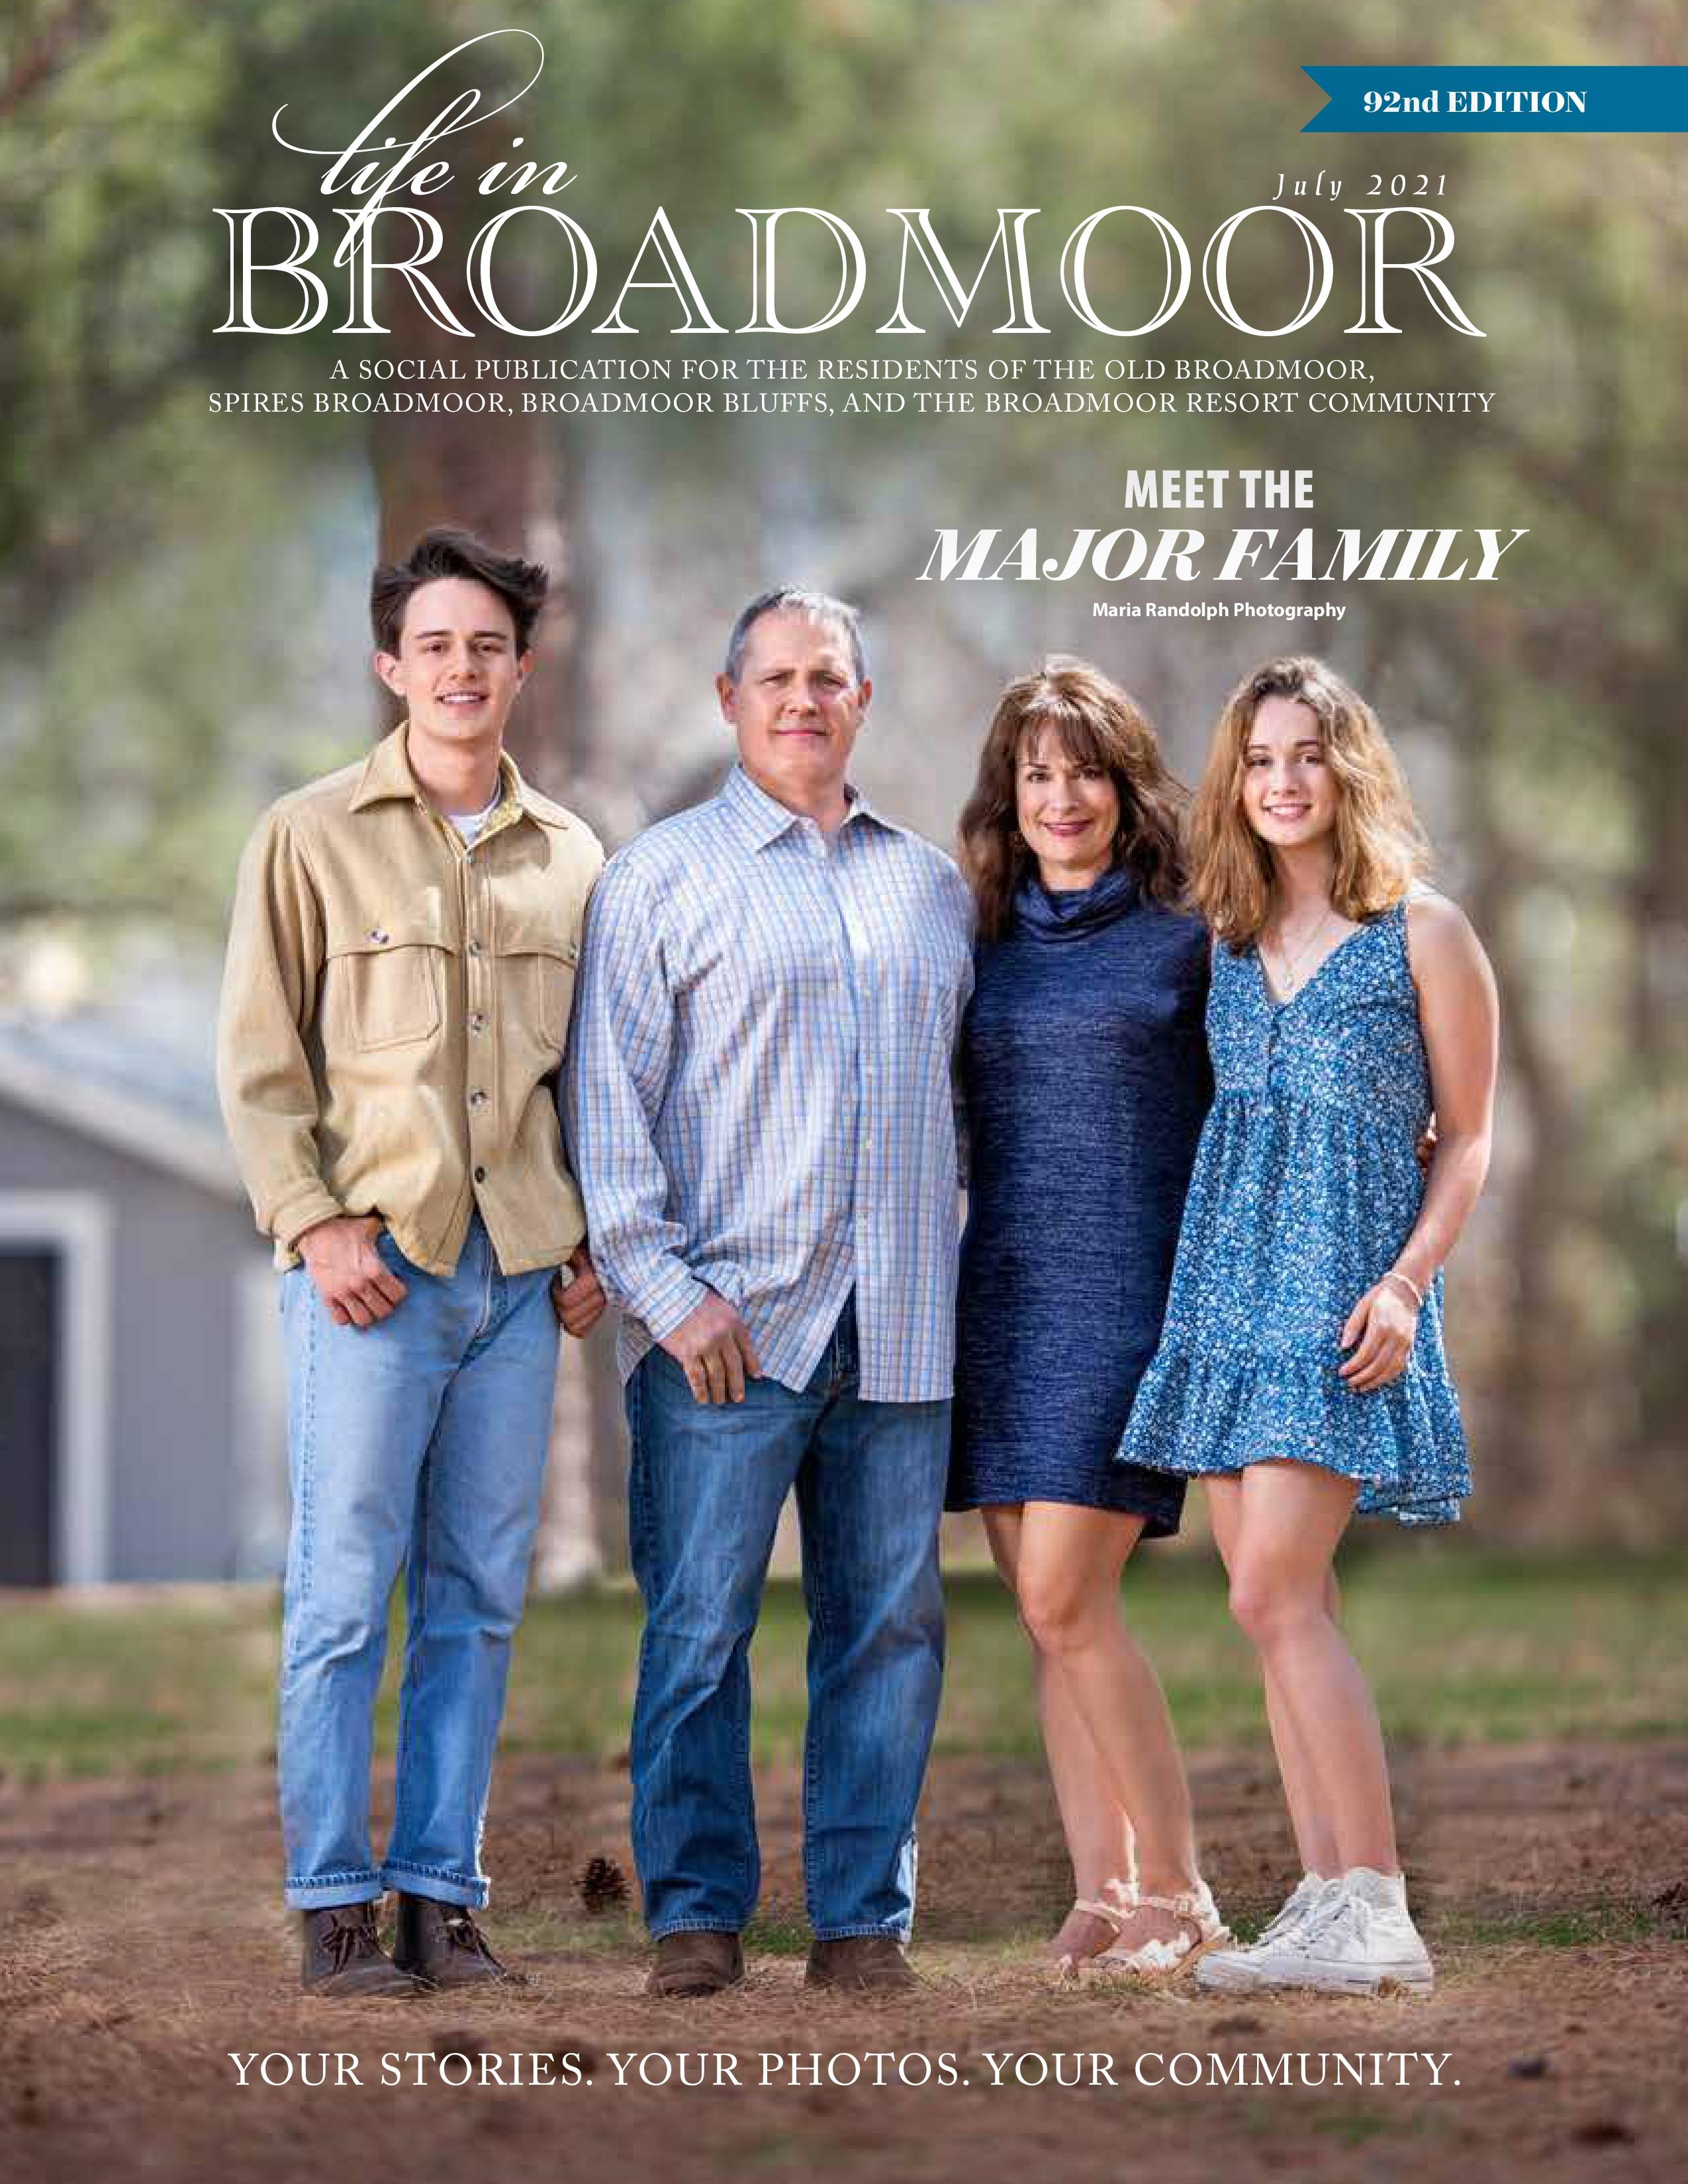 Life in Broadmoor 2021-07-01